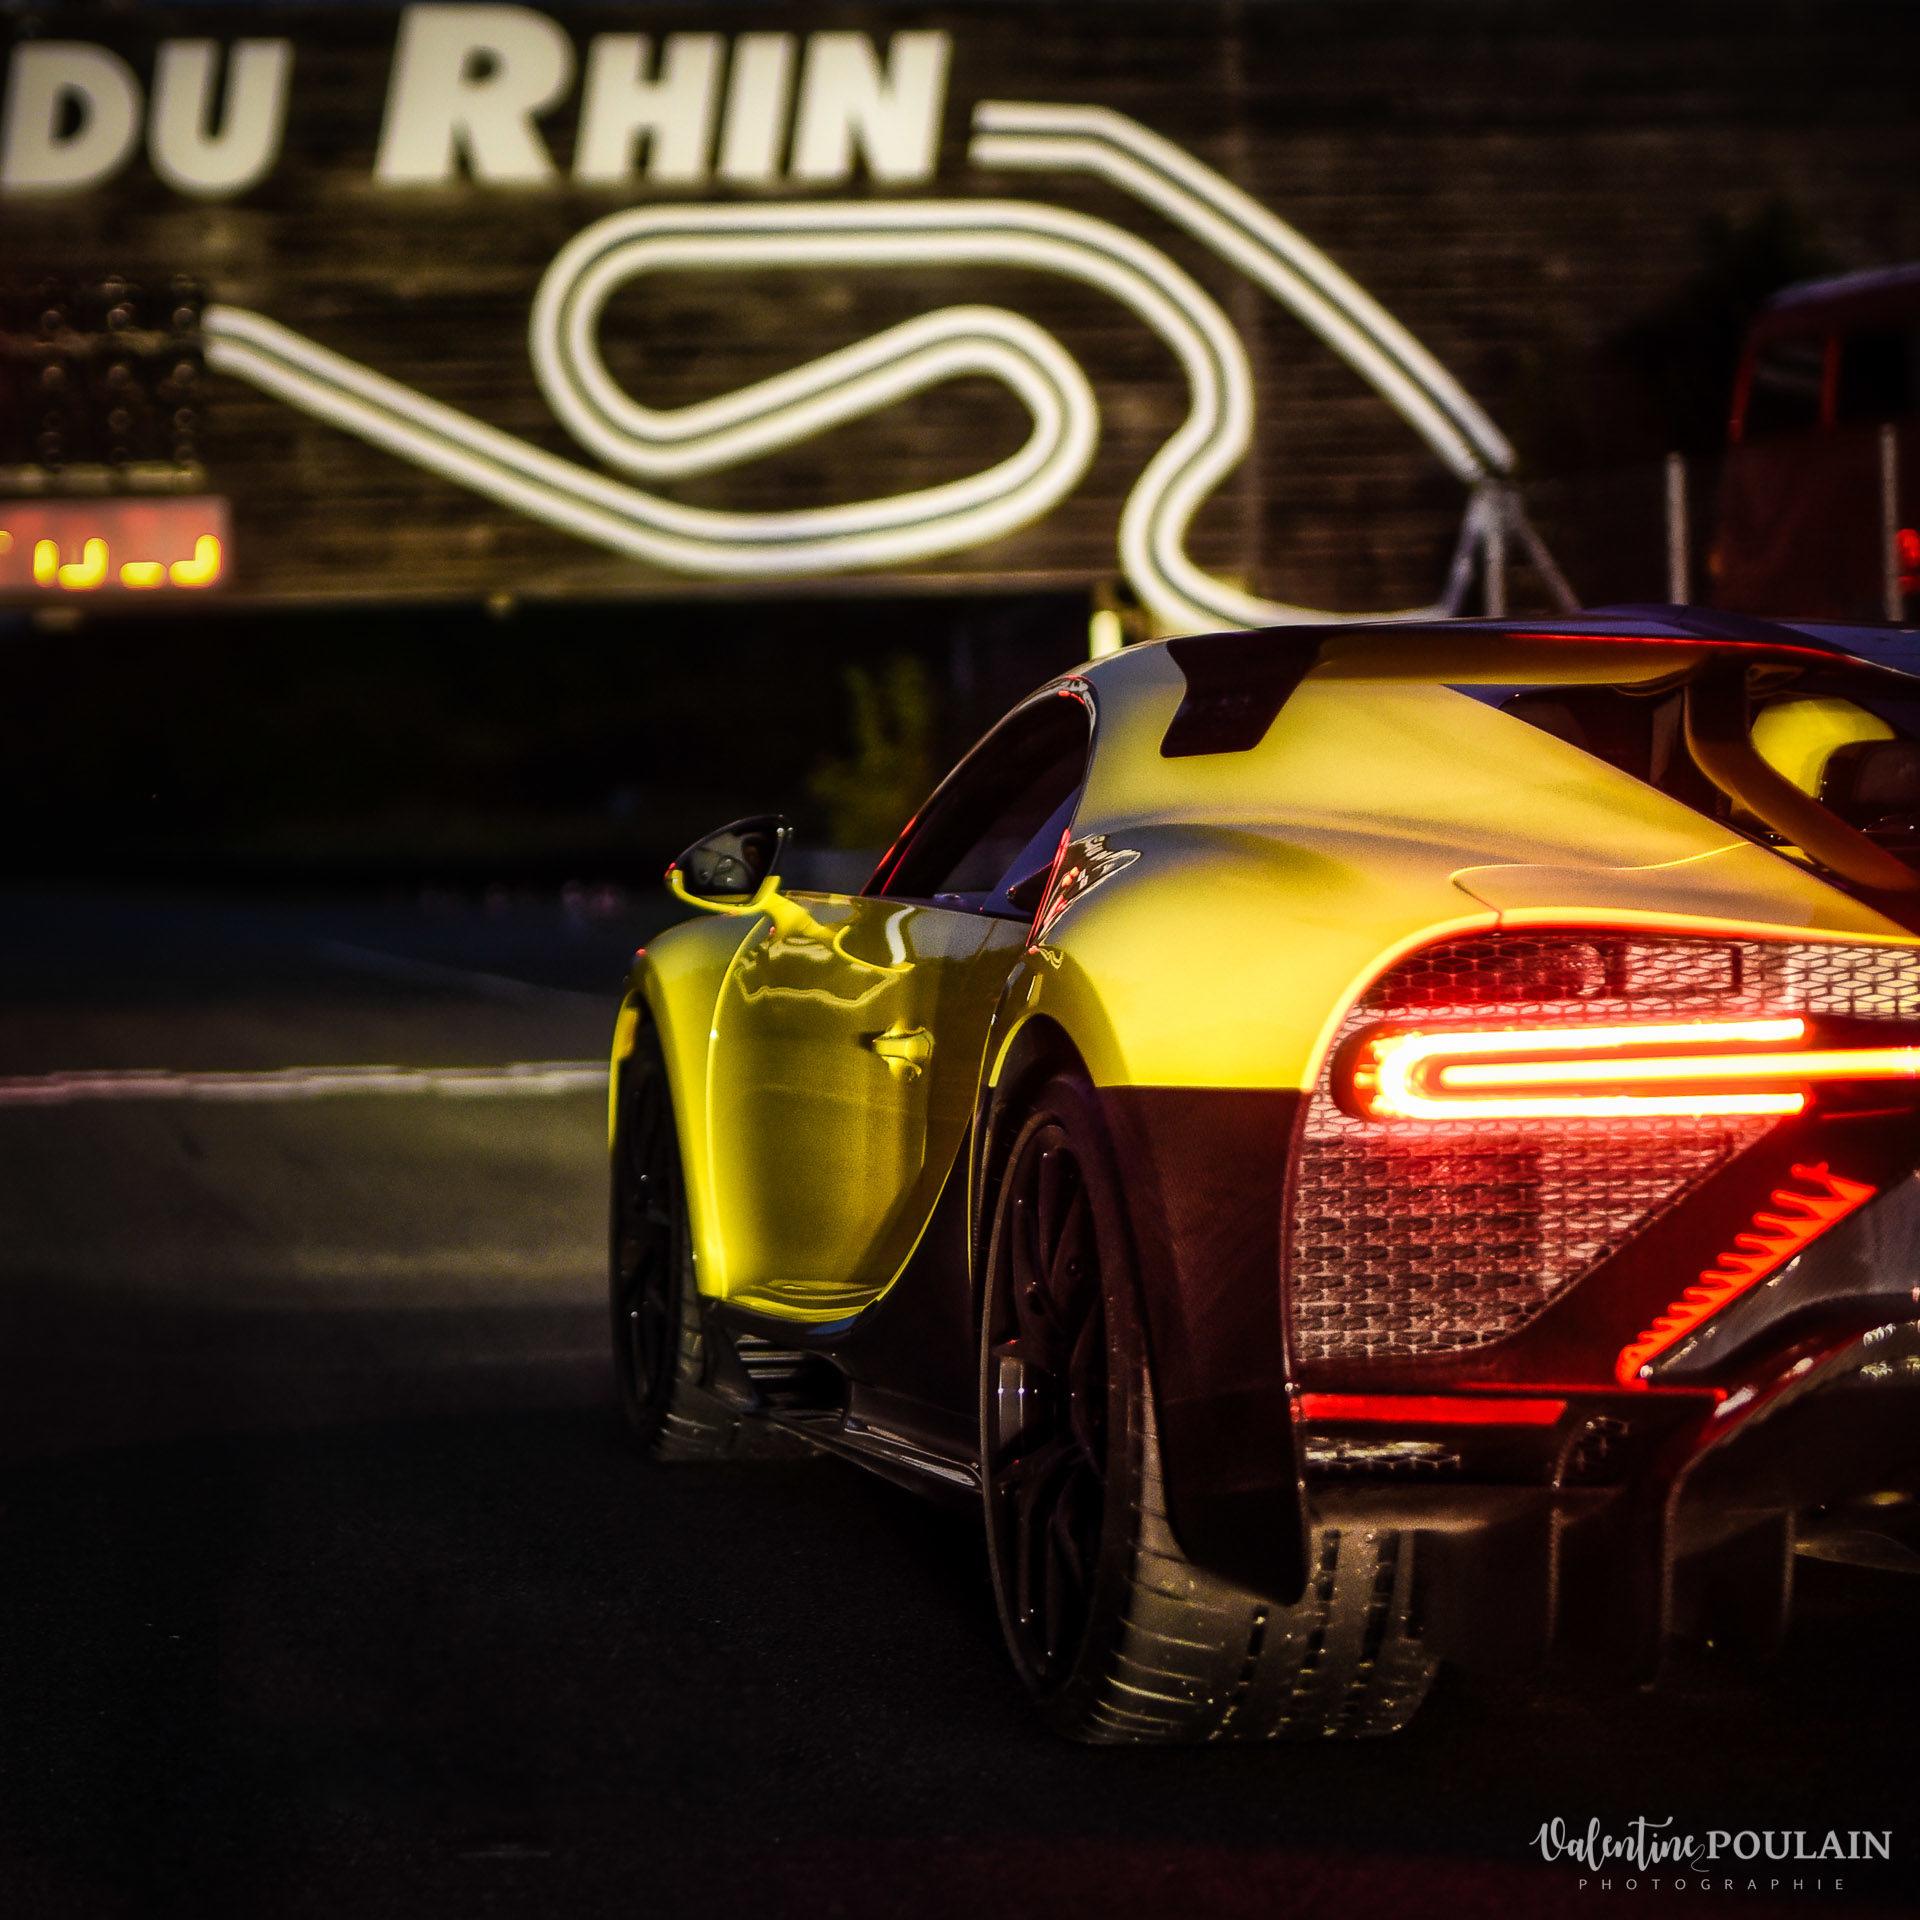 Reportage photo Evenement sportif Bugatti Chiron pur sport -automobile - Valentine Poulain